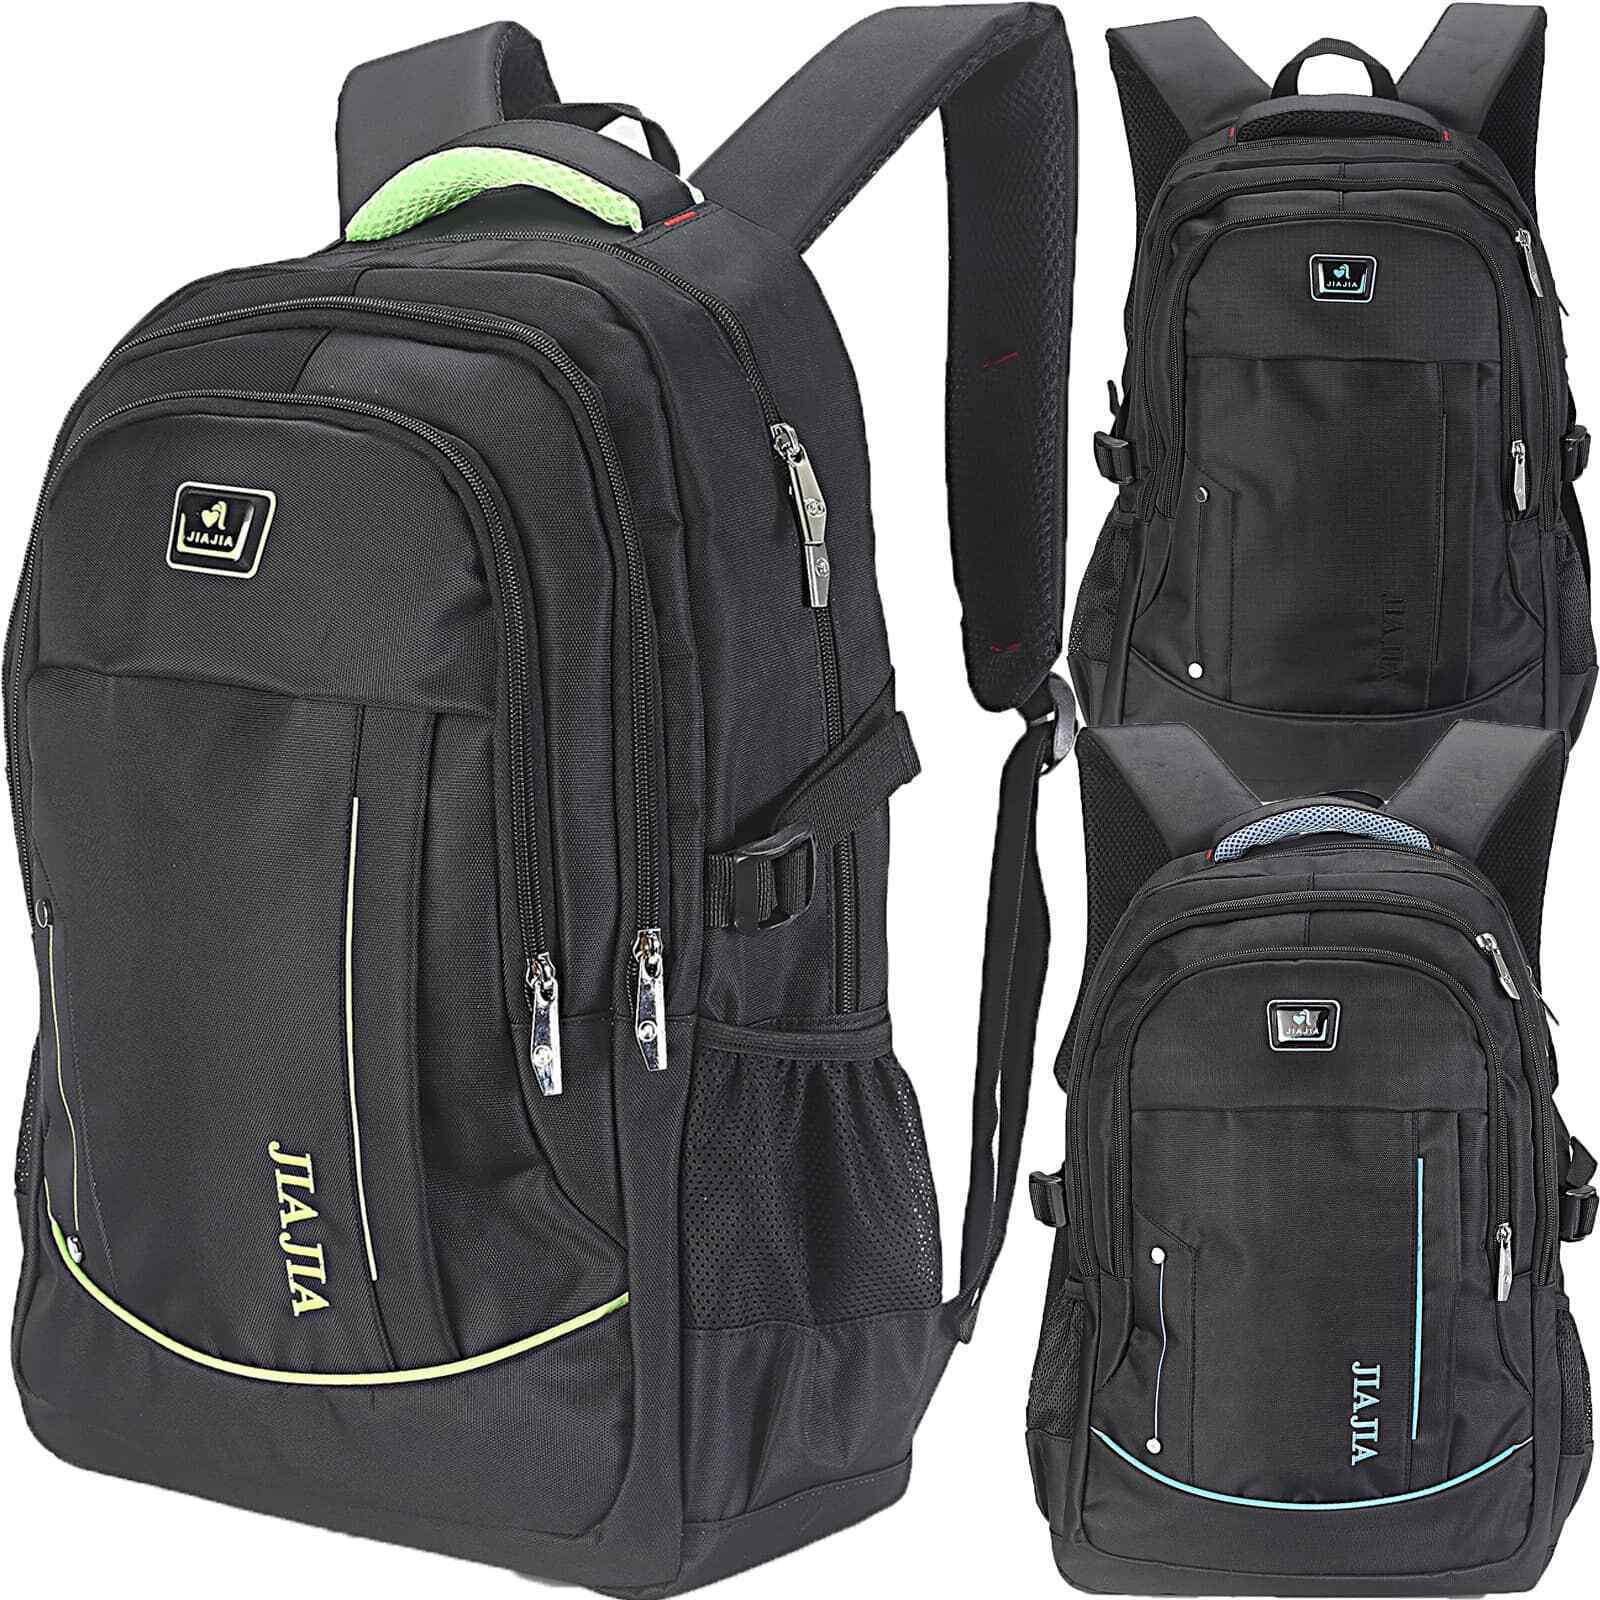 Rucksack Reise Freizeit Schule Ranzen Laptop Tasche 15 17 Zoll 20L 30116